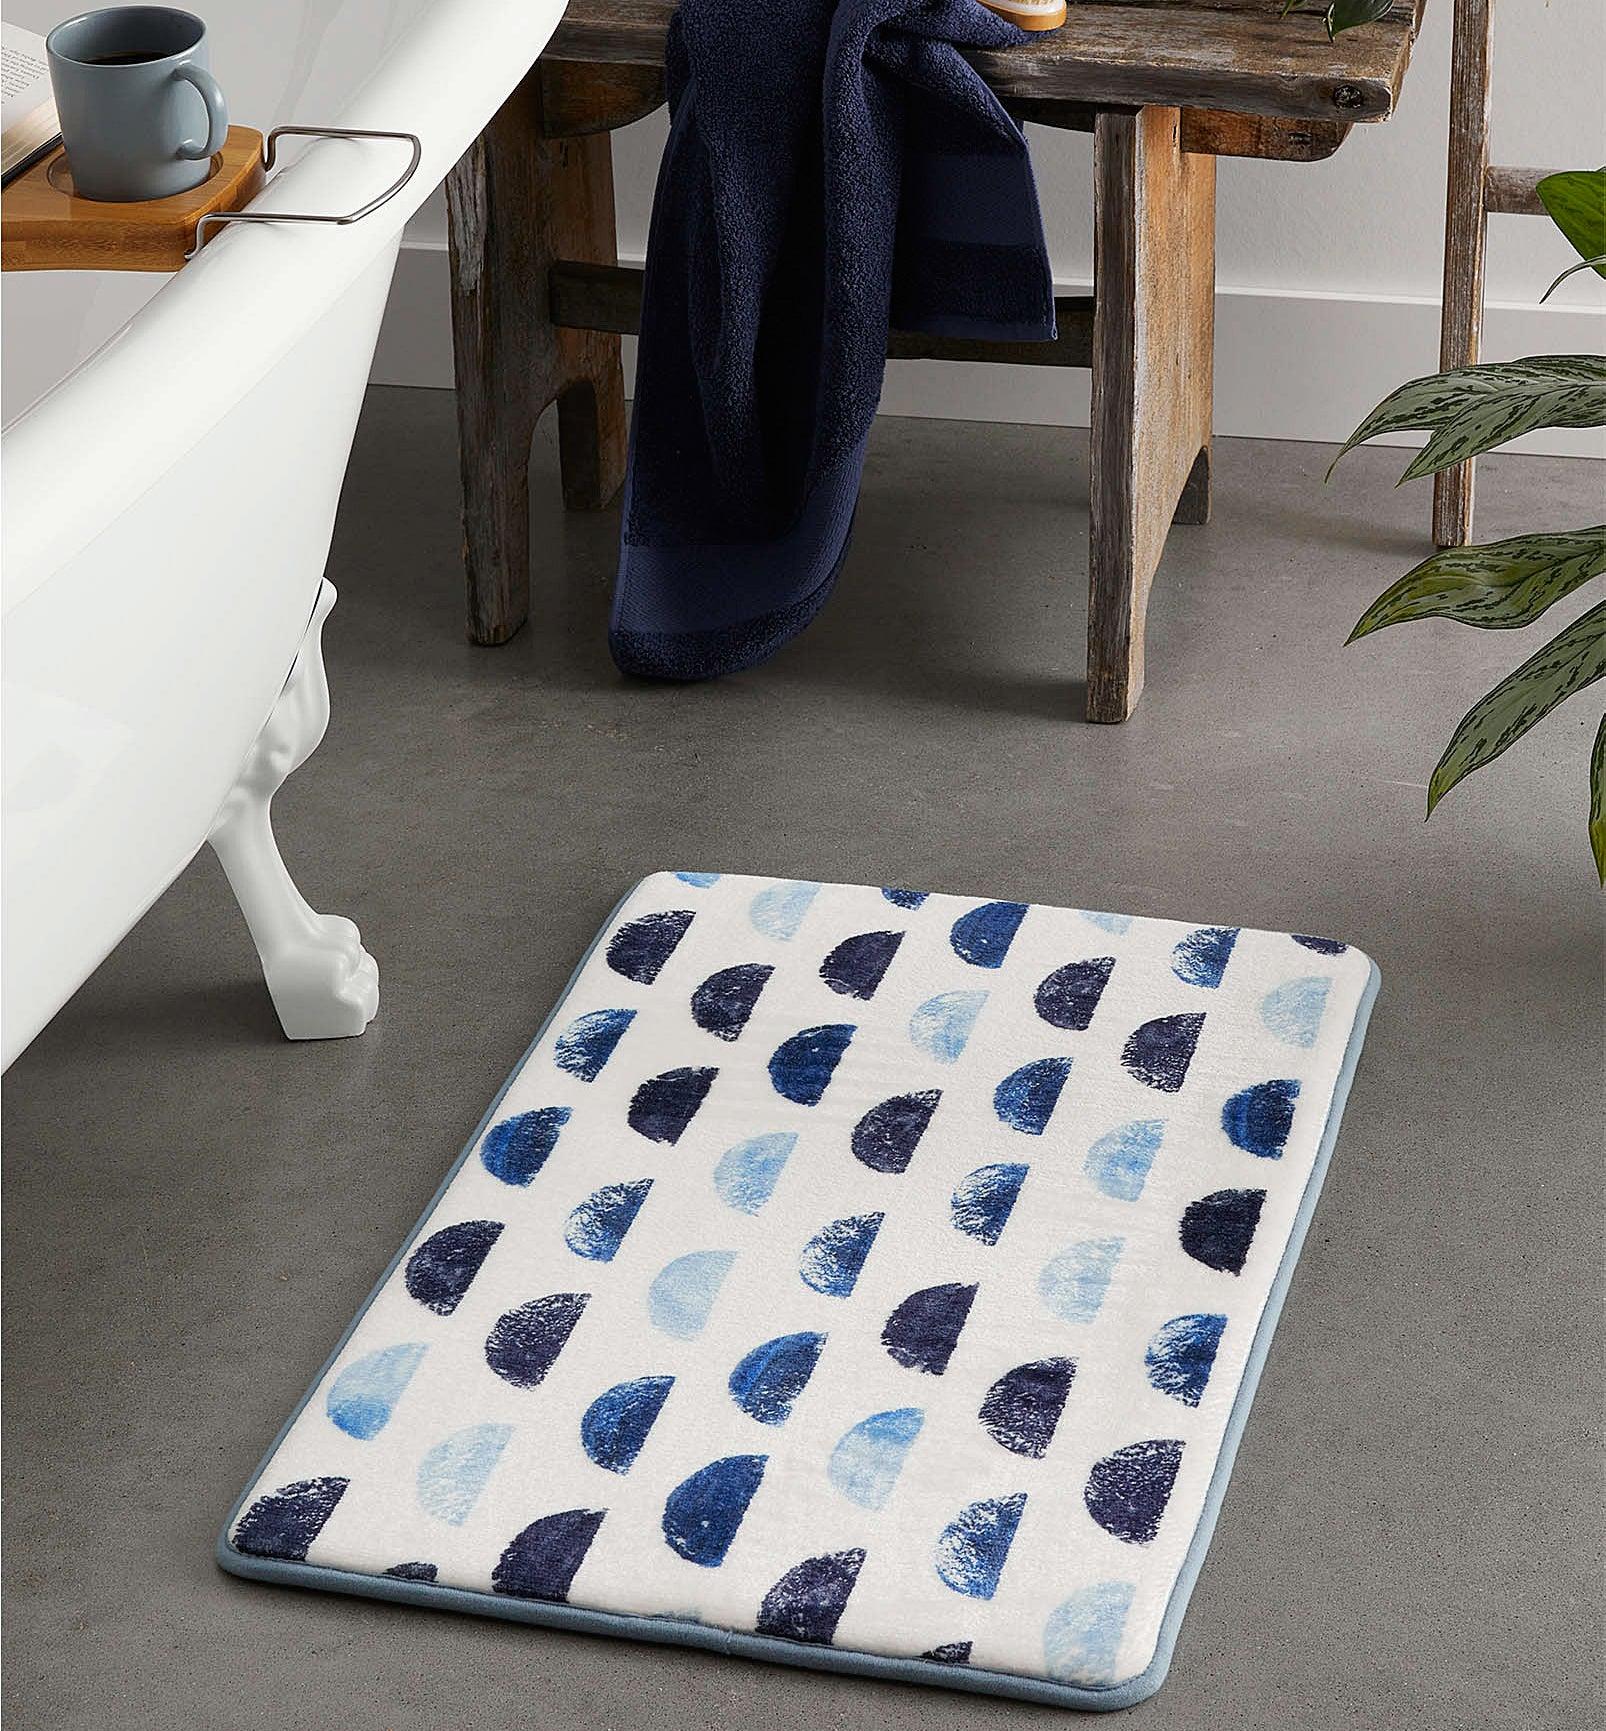 A mat next to a tub